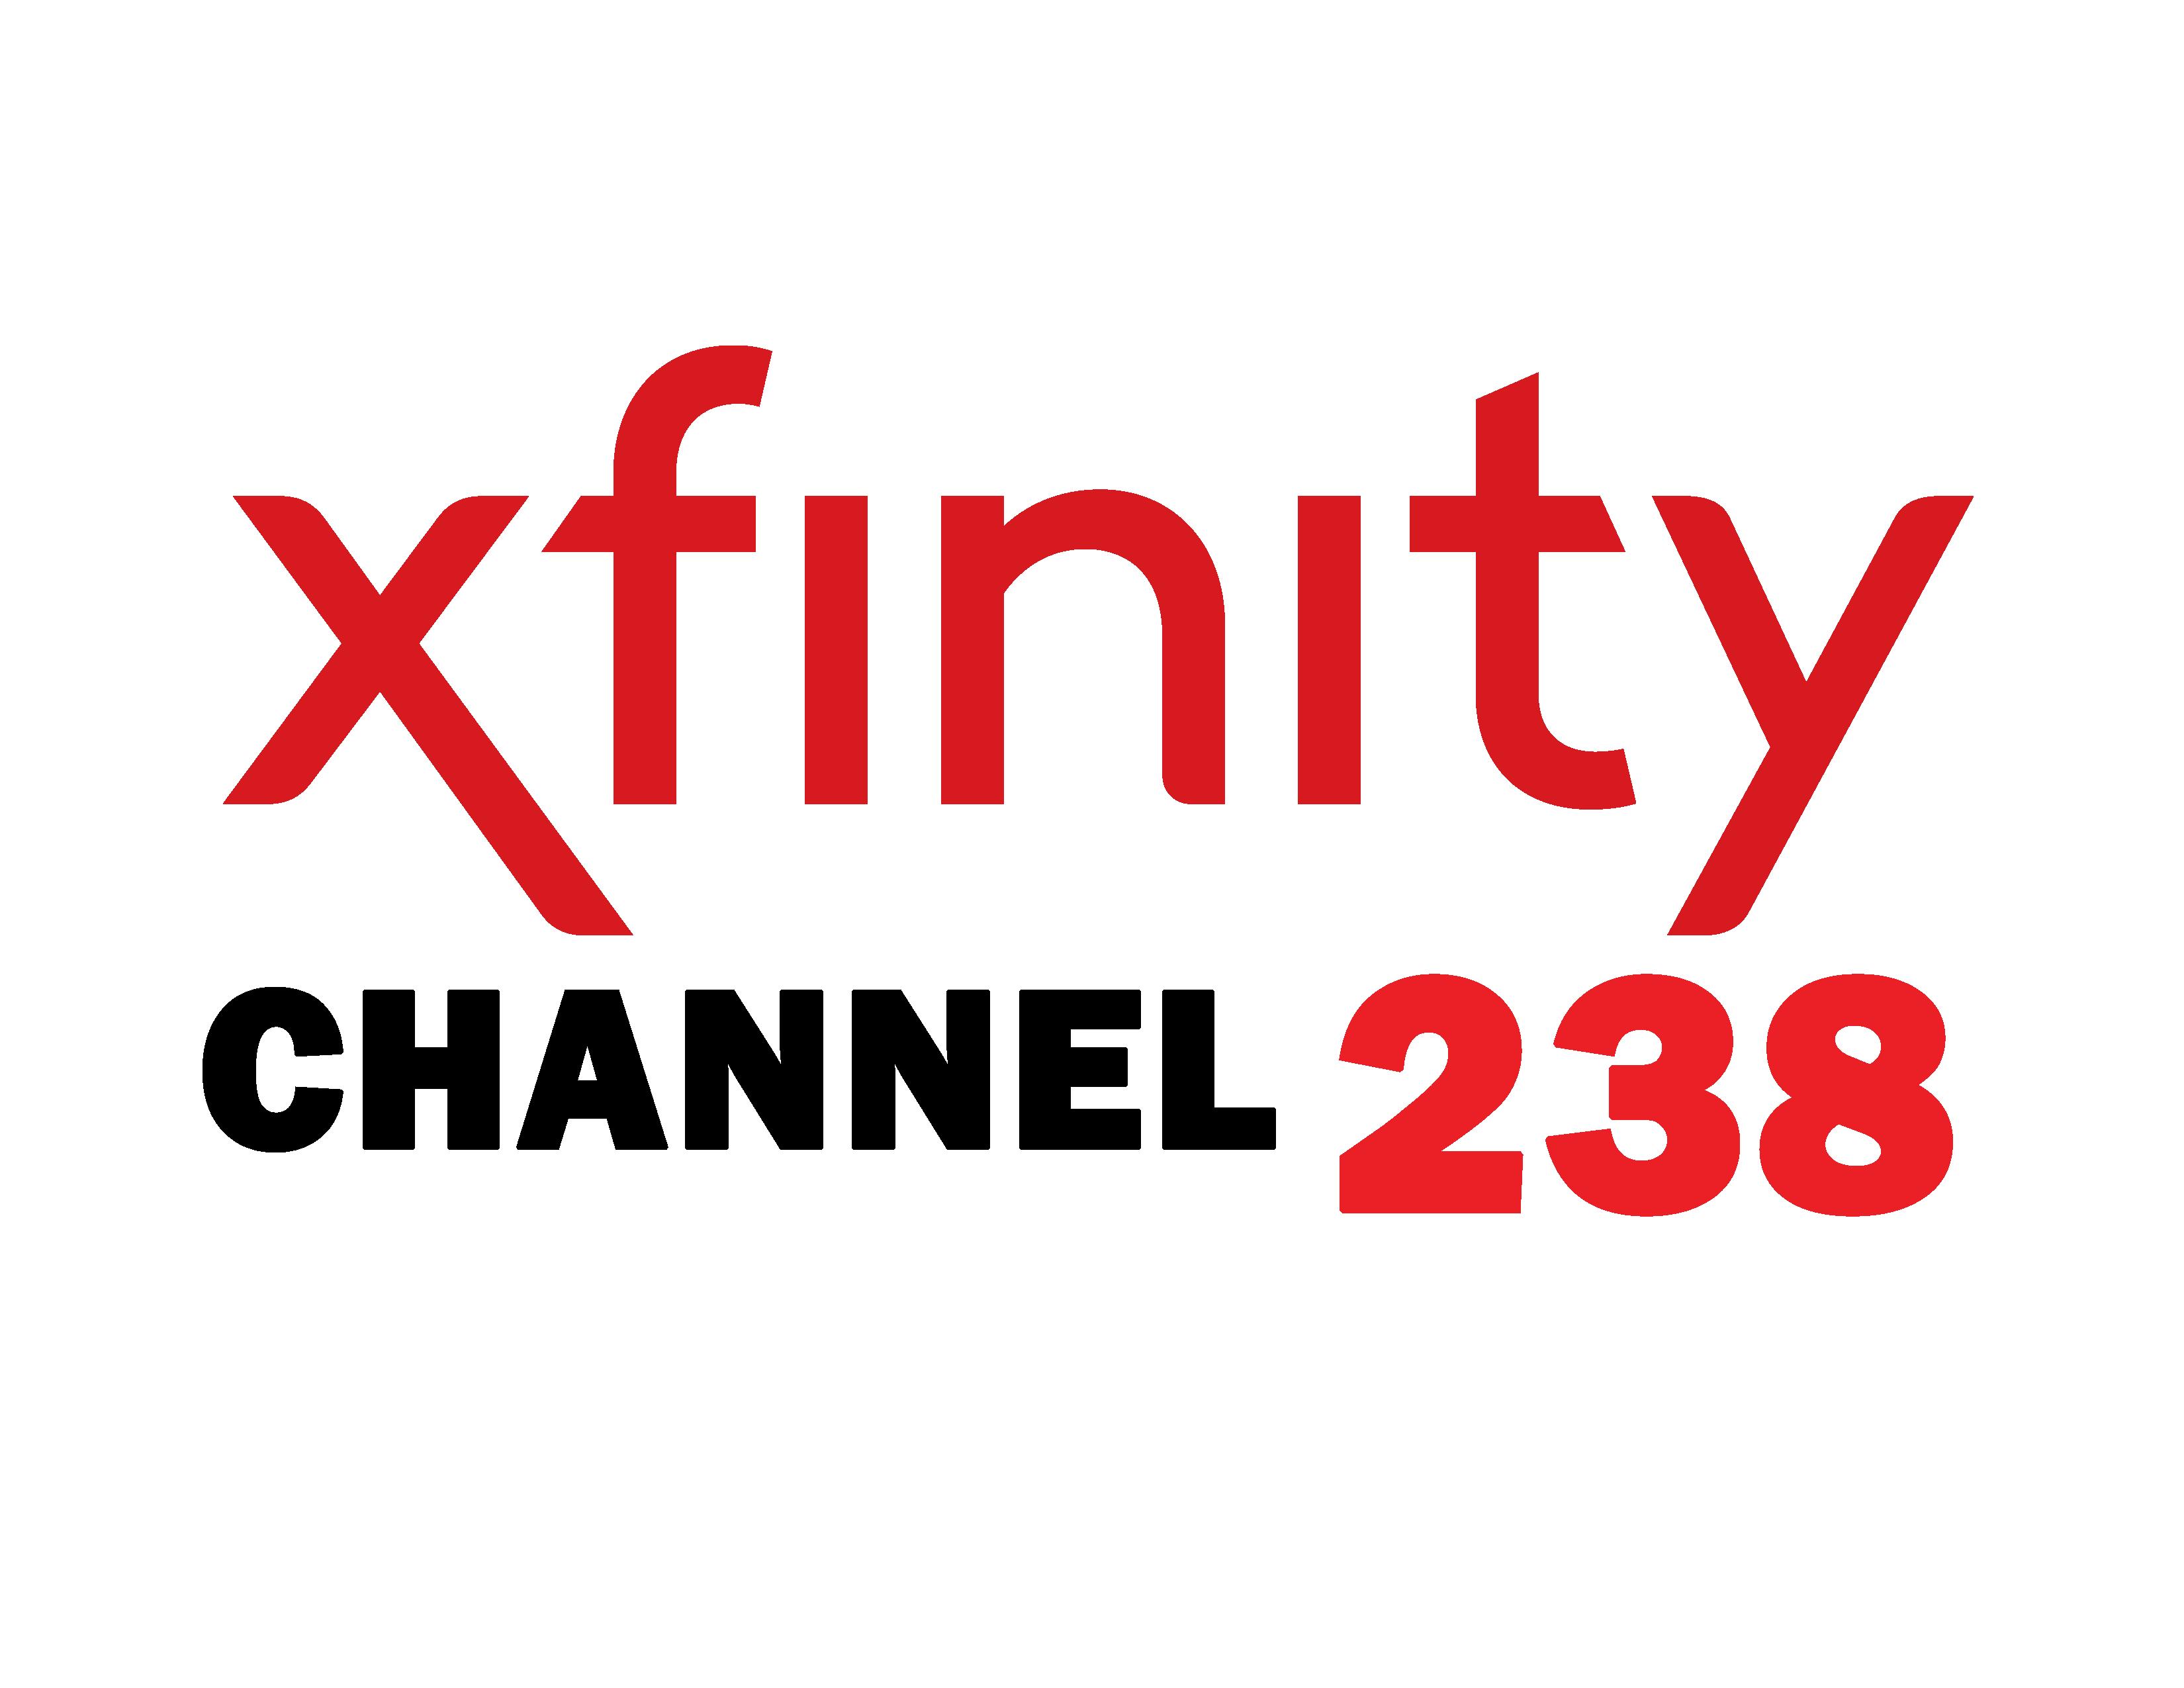 Xfinity Ch. 238